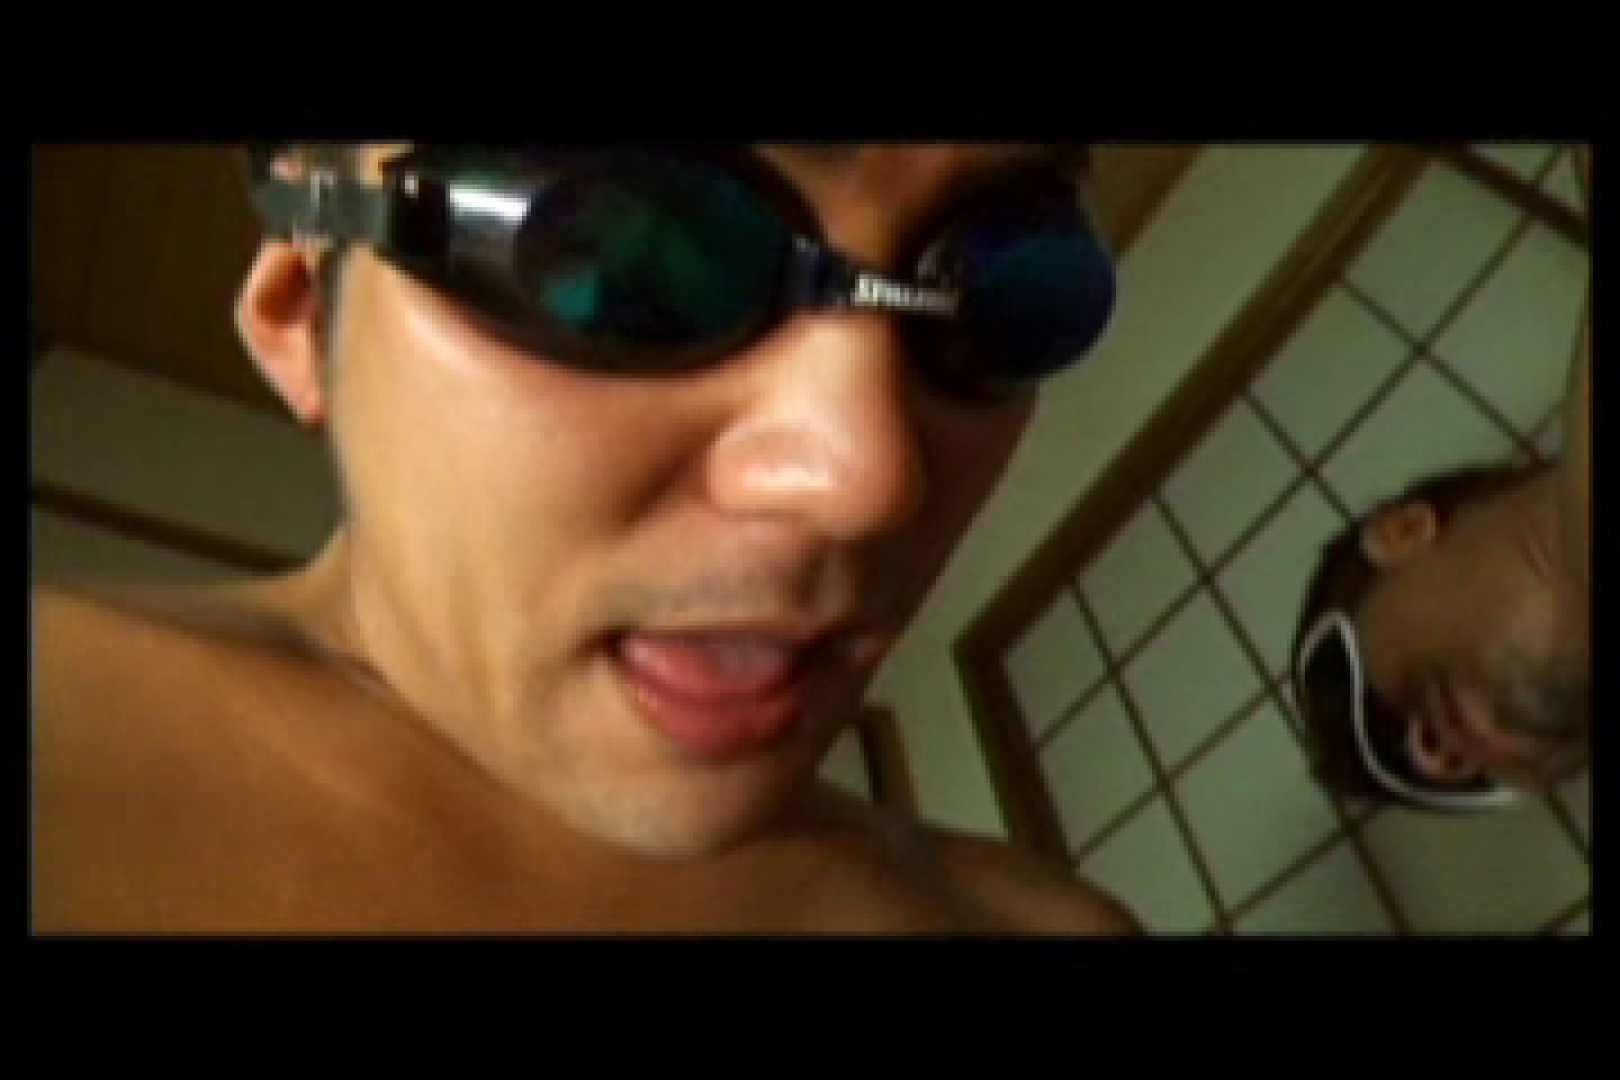 スジ筋ガチムチゴーグルマンvol2 アナル責め ゲイセックス画像 82枚 16